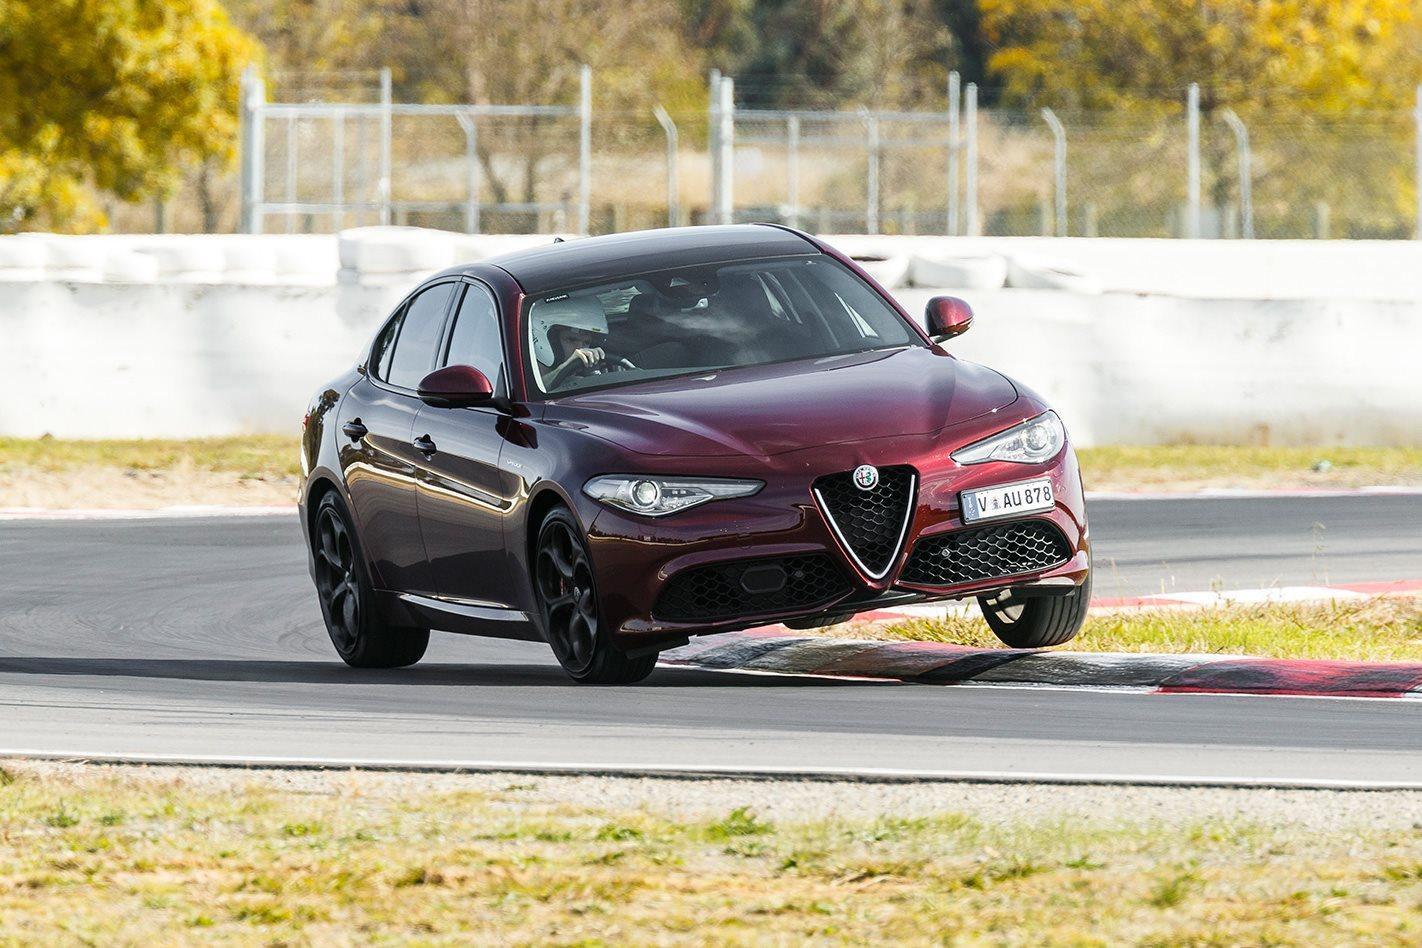 2017 Alfa Romeo Giulia Veloce steering